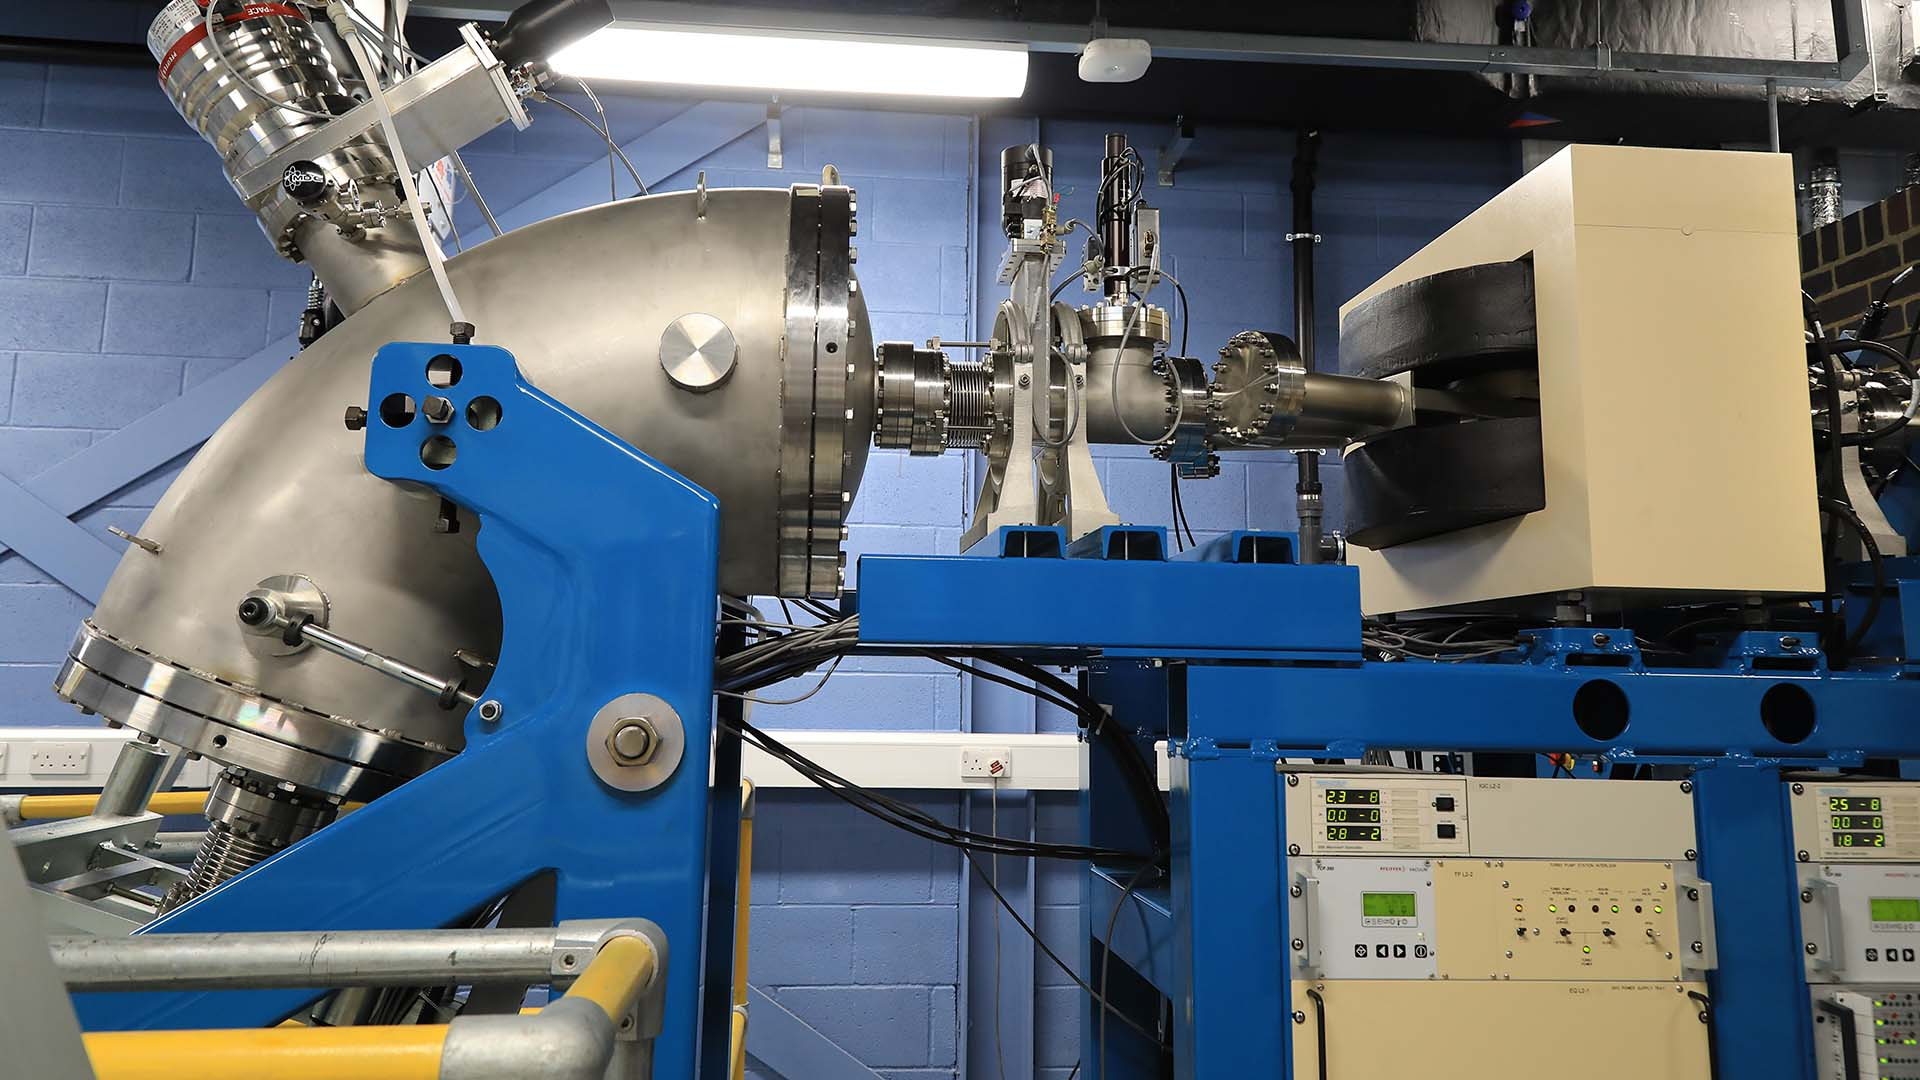 铝合金辐射耐受性研究或将有益于载人航天任务